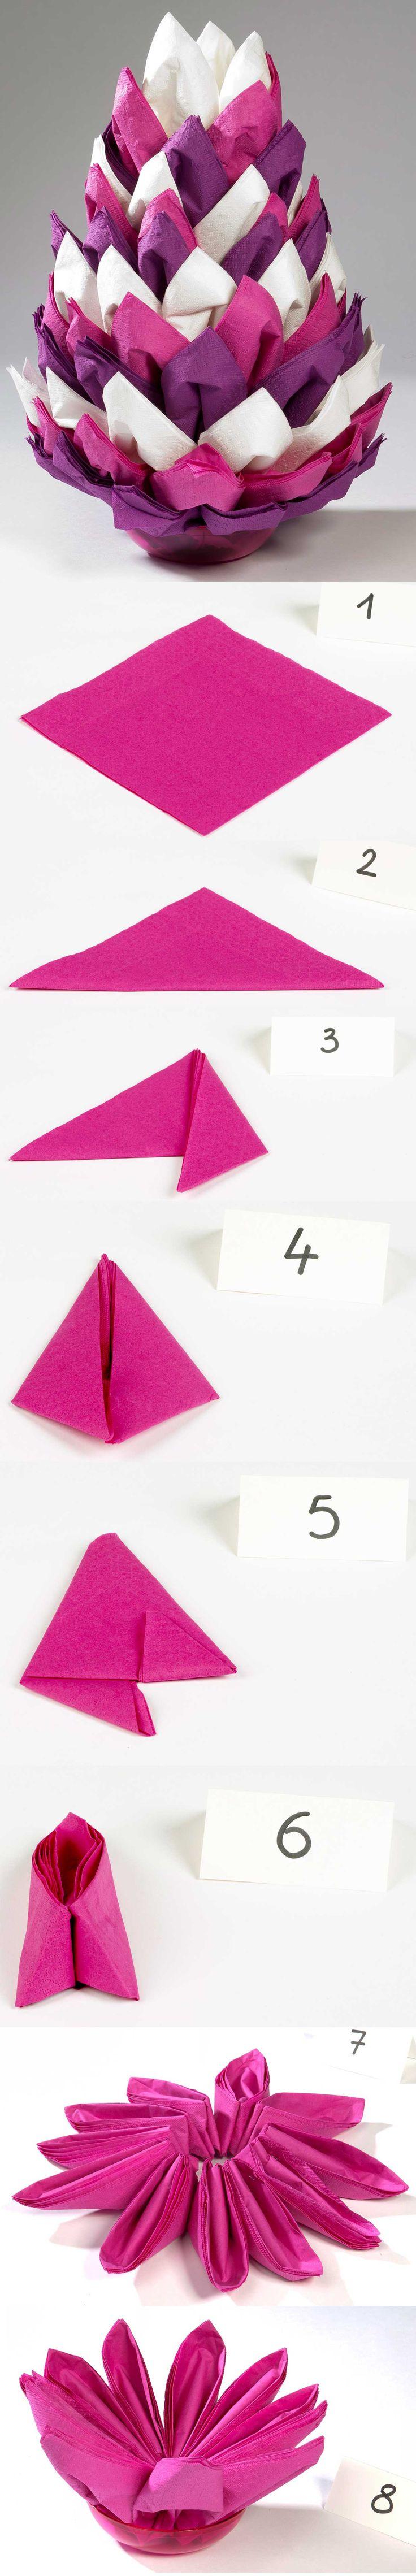 200 les meilleures images concernant origami sur pinterest - Flocon de neige en papier pliage ...